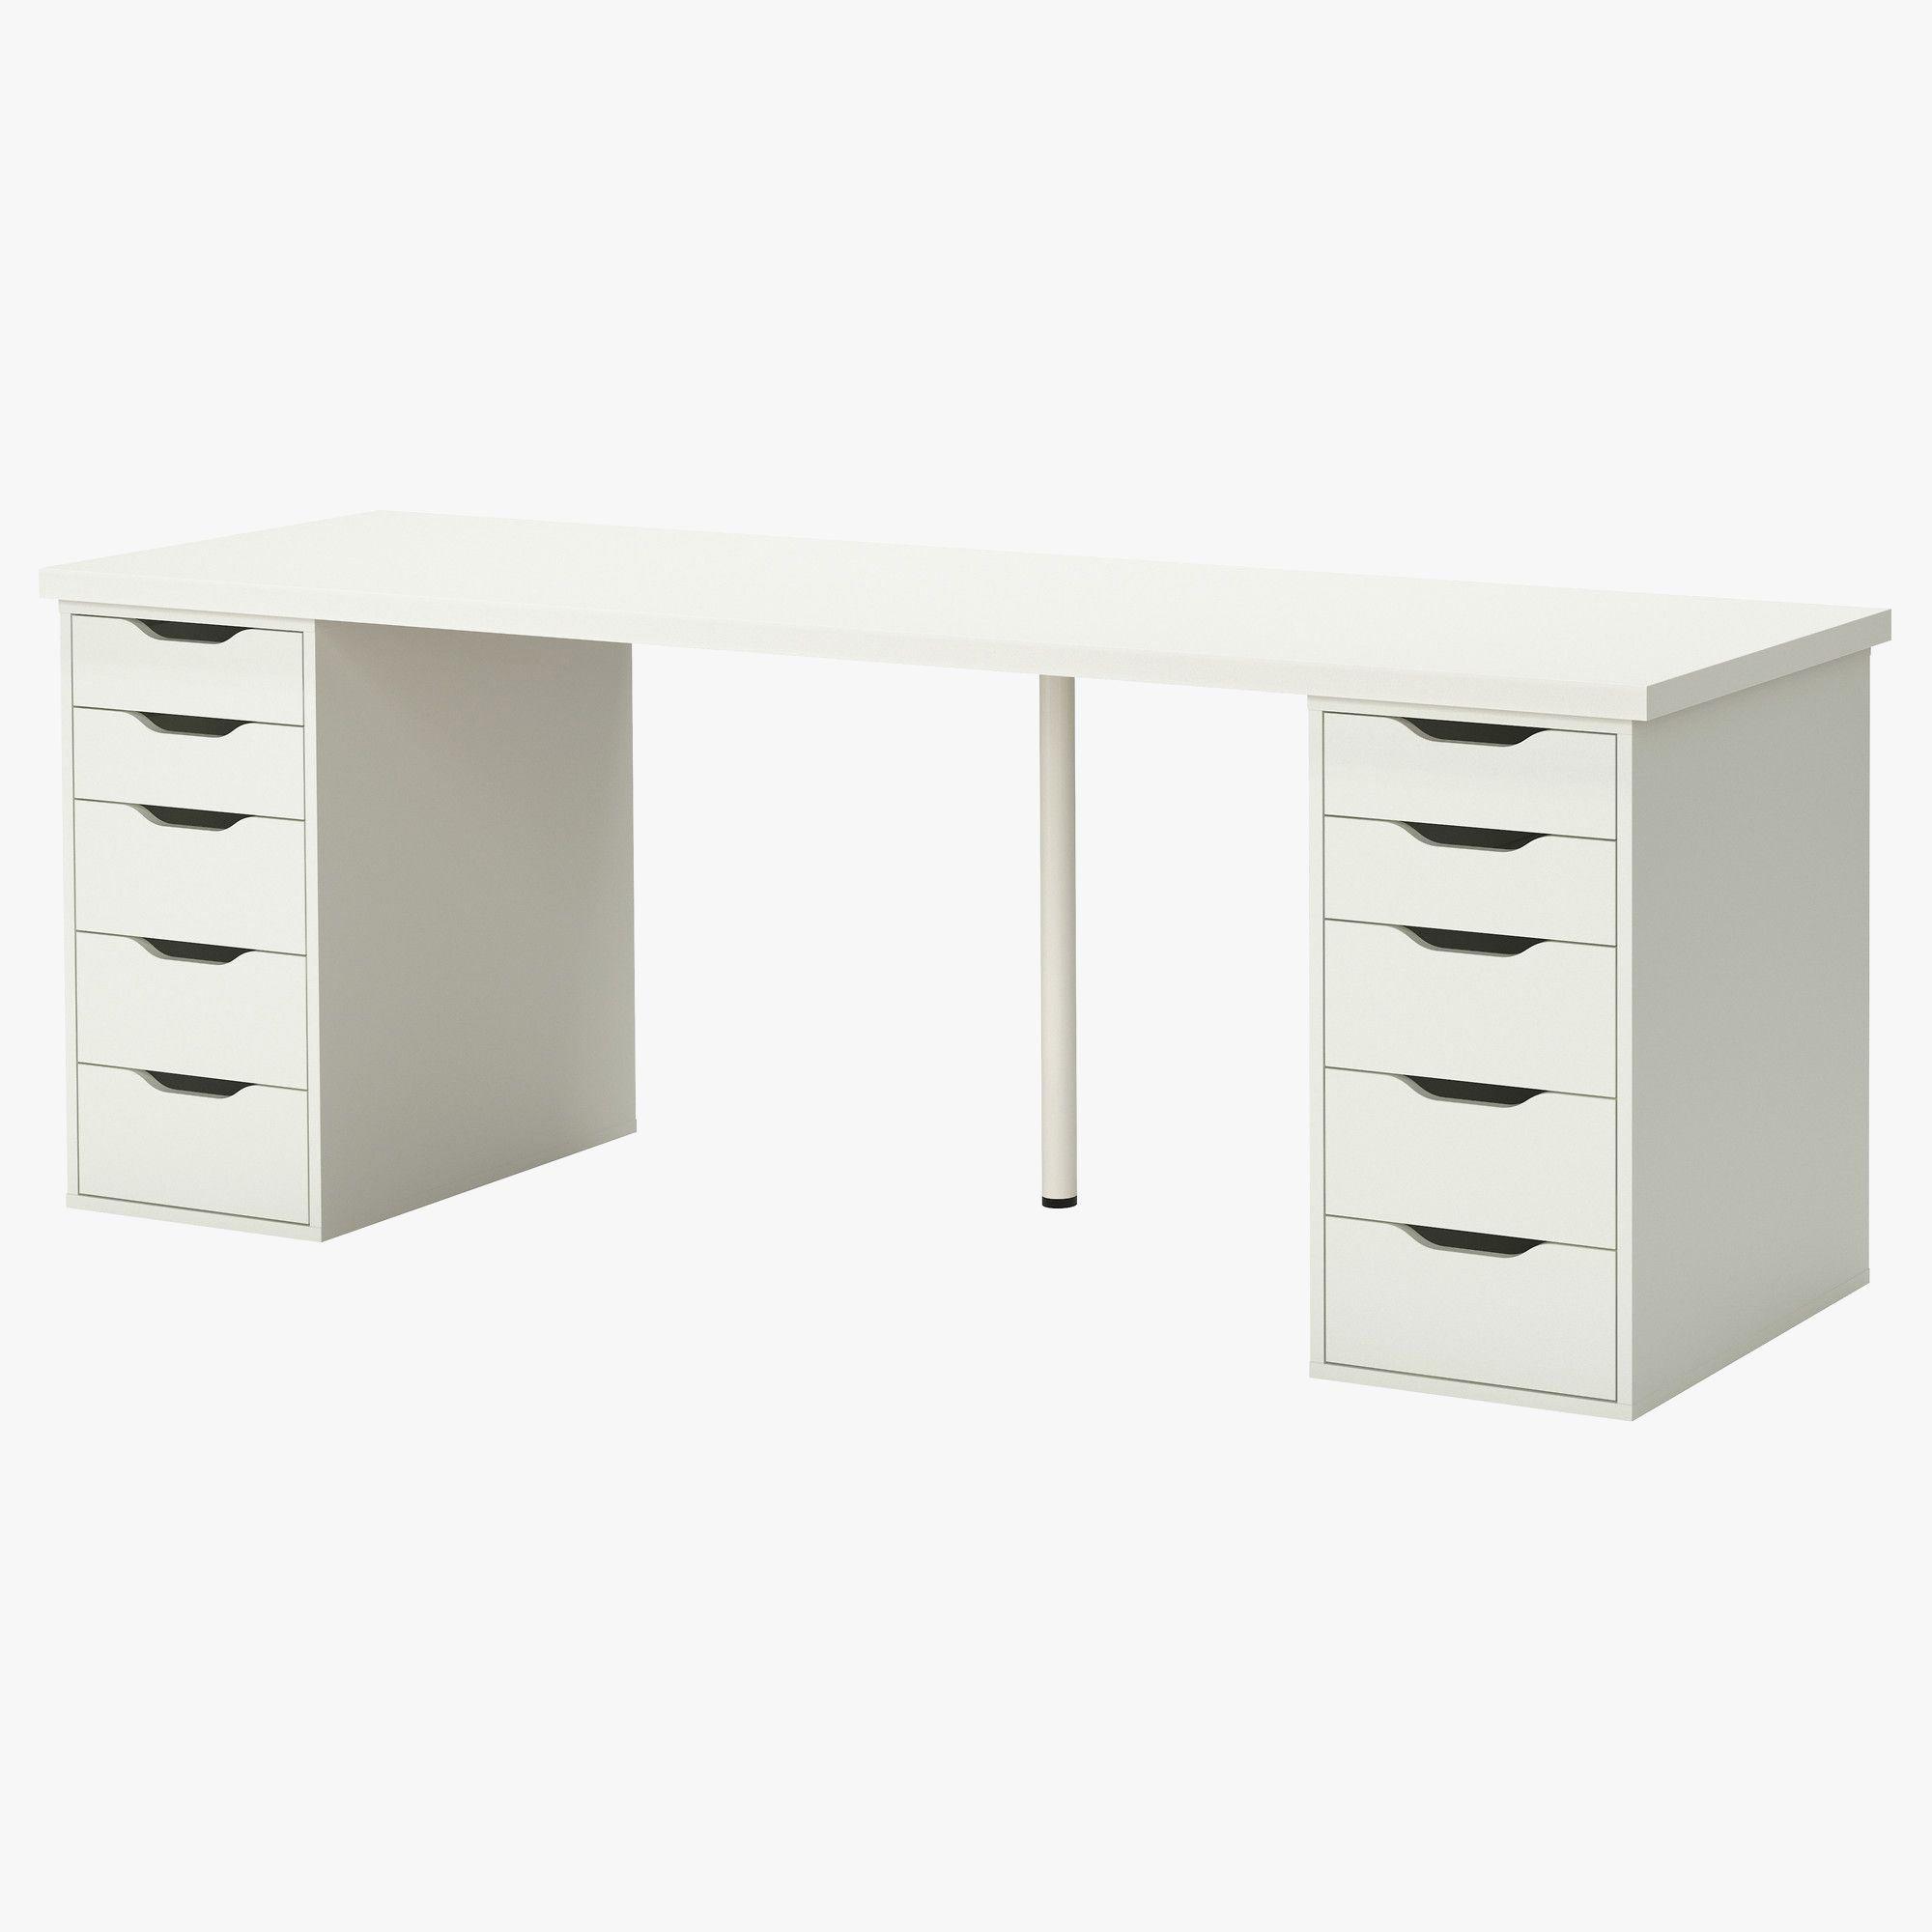 Billig Schreibtisch Kaufen Online Ikea Linnmon Schreibtisch Mit